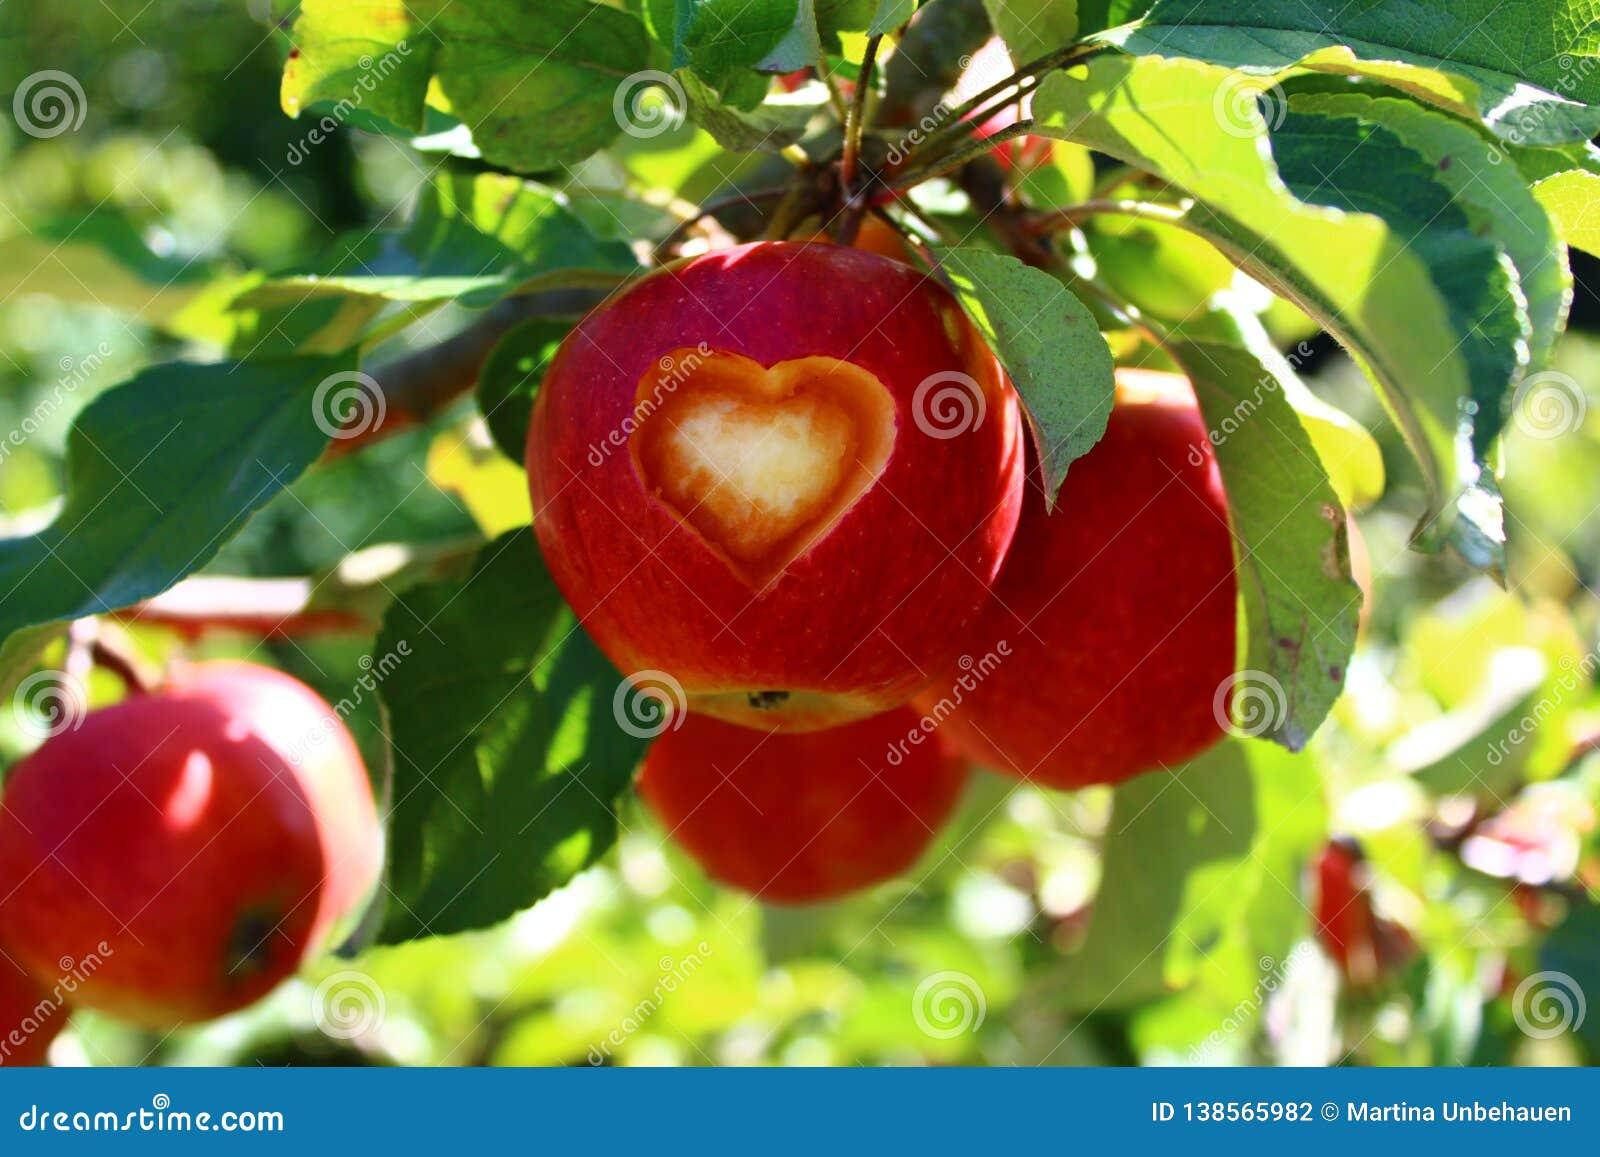 Apple mit einem Herzen auf einem Baum